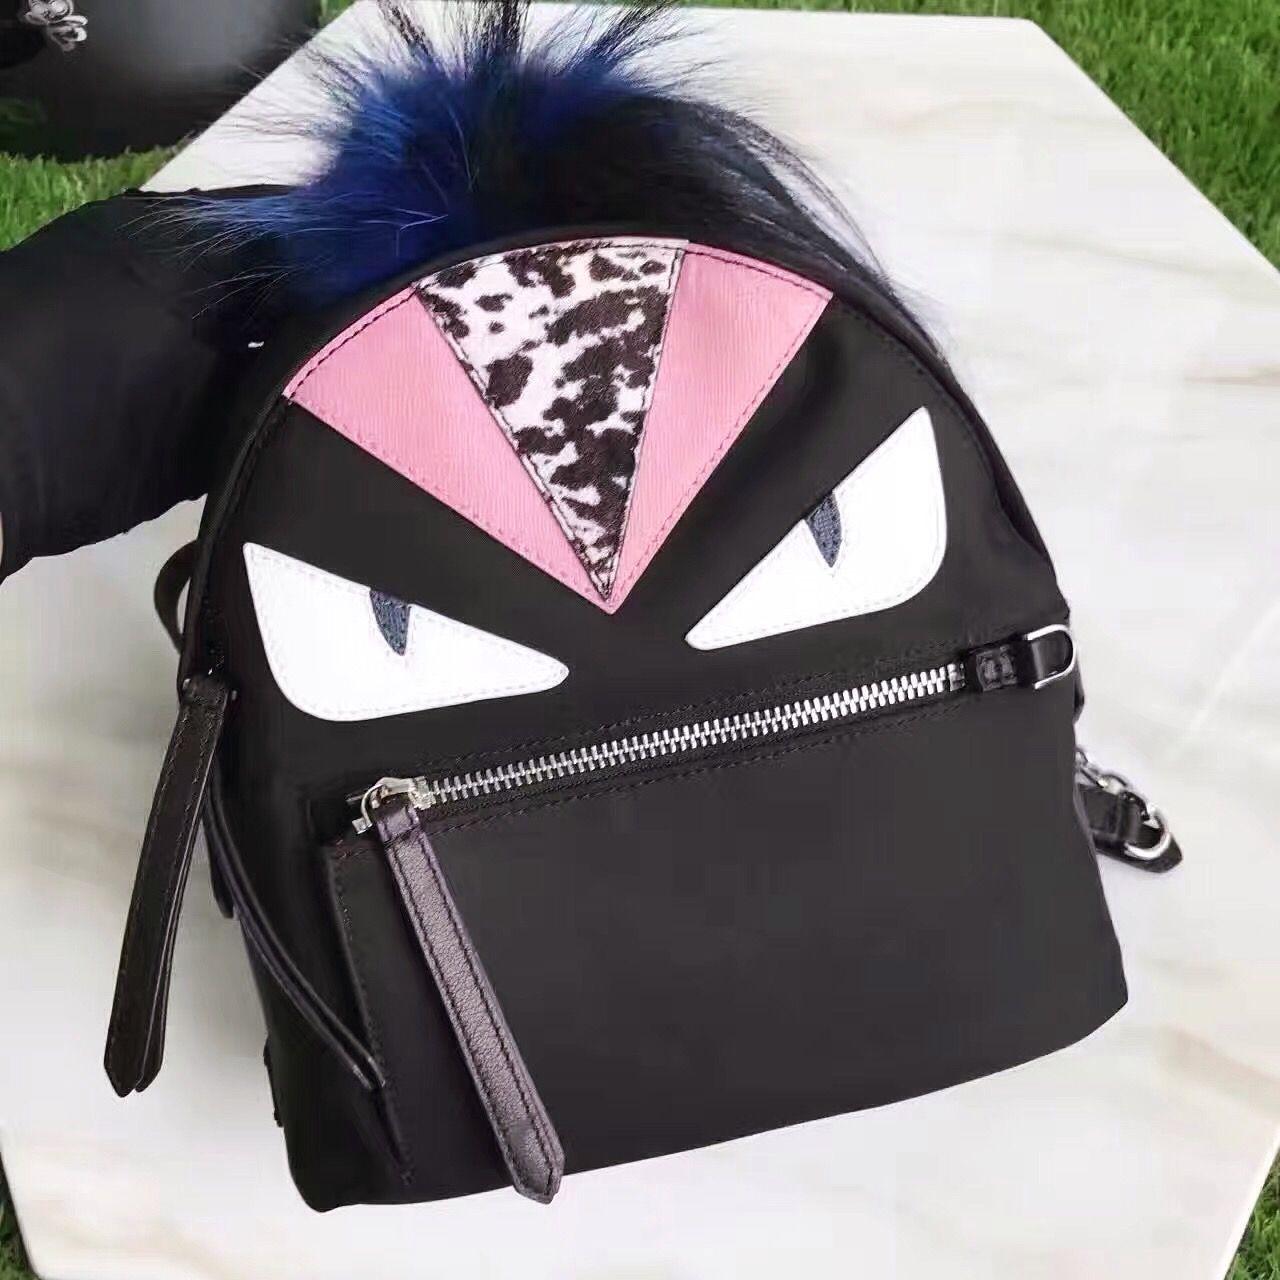 e09099d8d75 Fendi monster eye backpack | Fendi bag